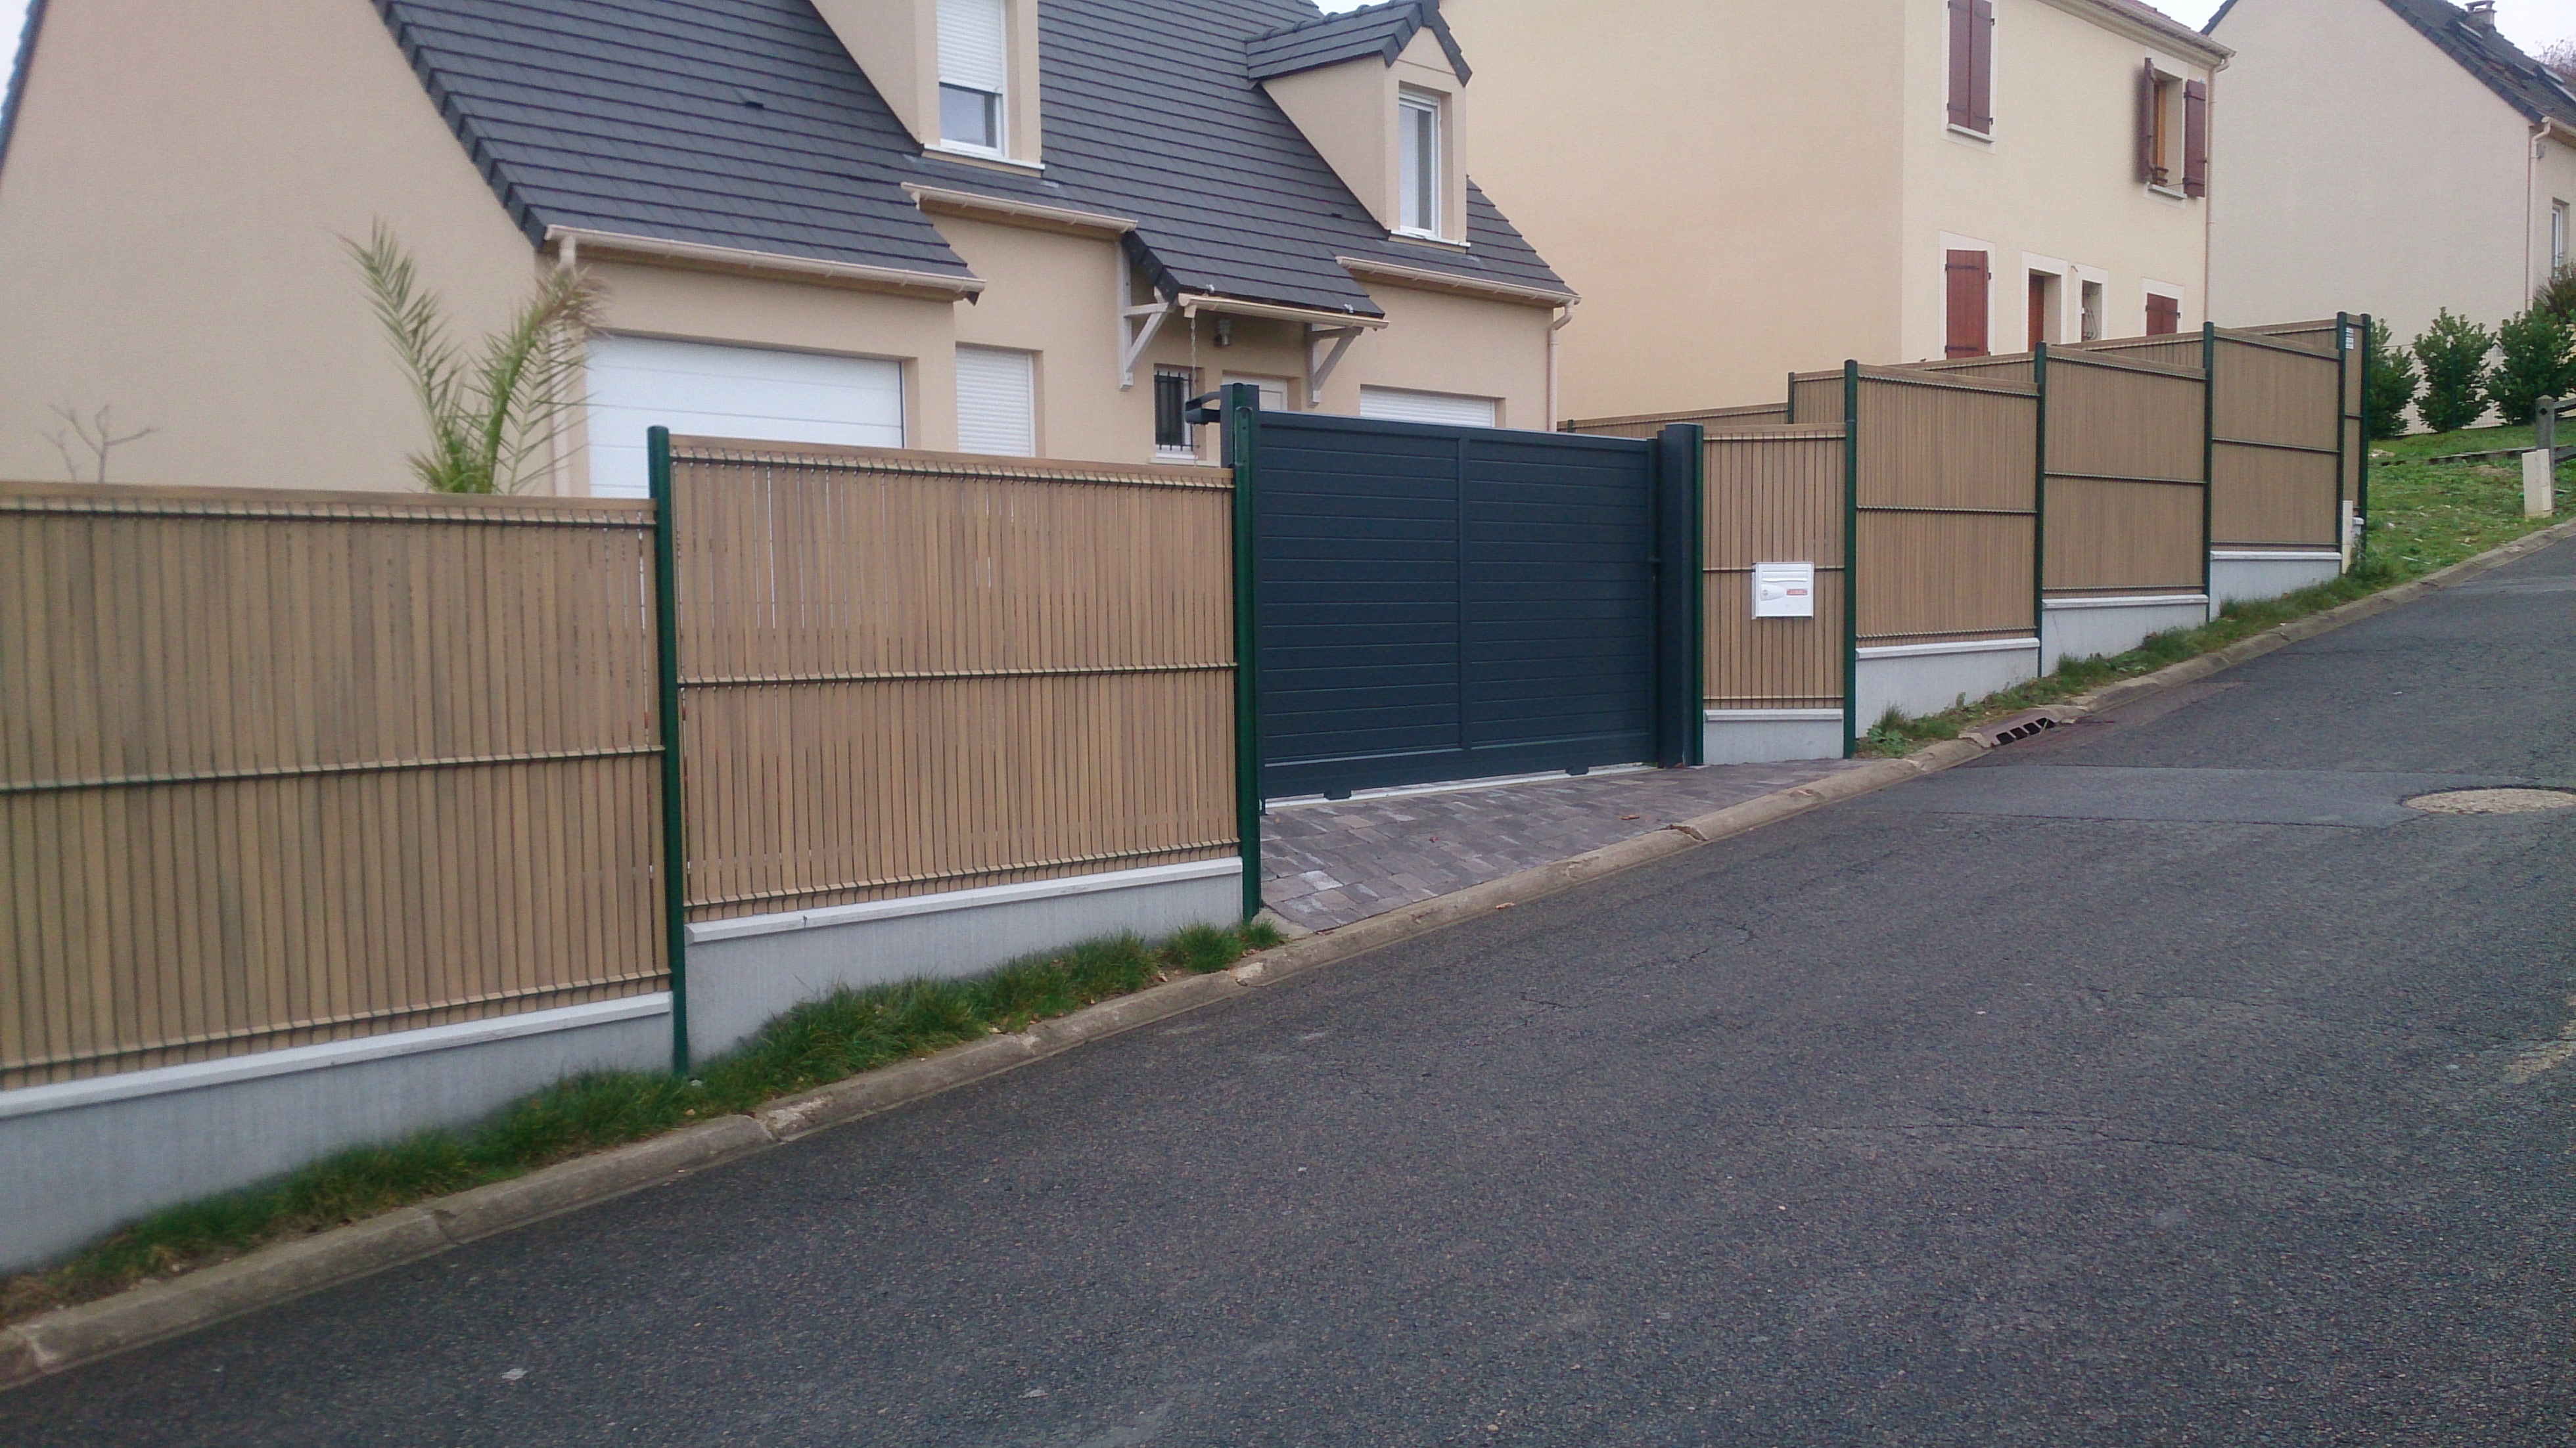 Pose de clôture : brise-vue, grillage… à Magny-en-Vexin, Mantes-la-Jolie